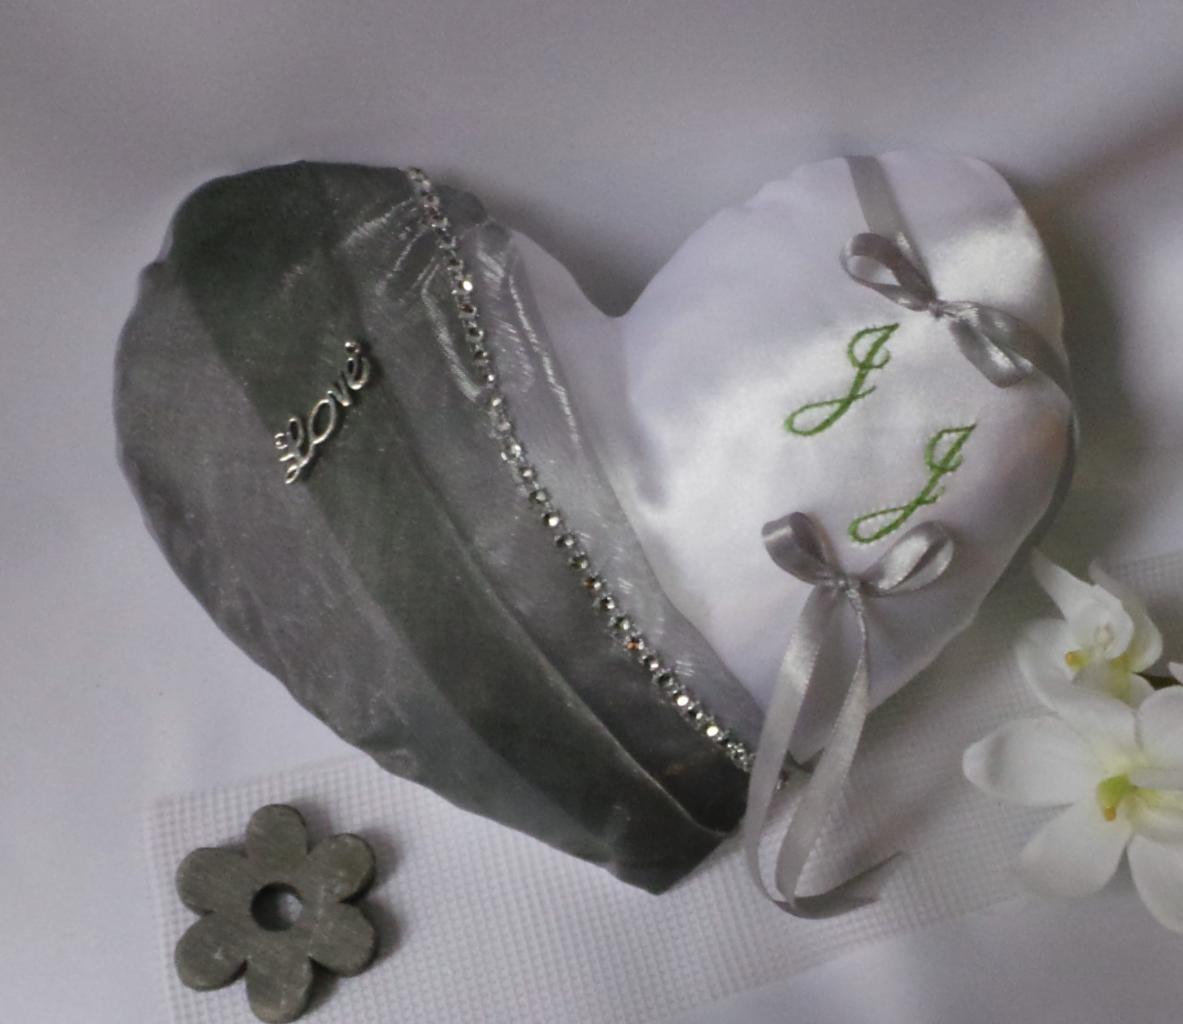 coussin alliances coeur personnalisé, blanc gris argent strass(57)